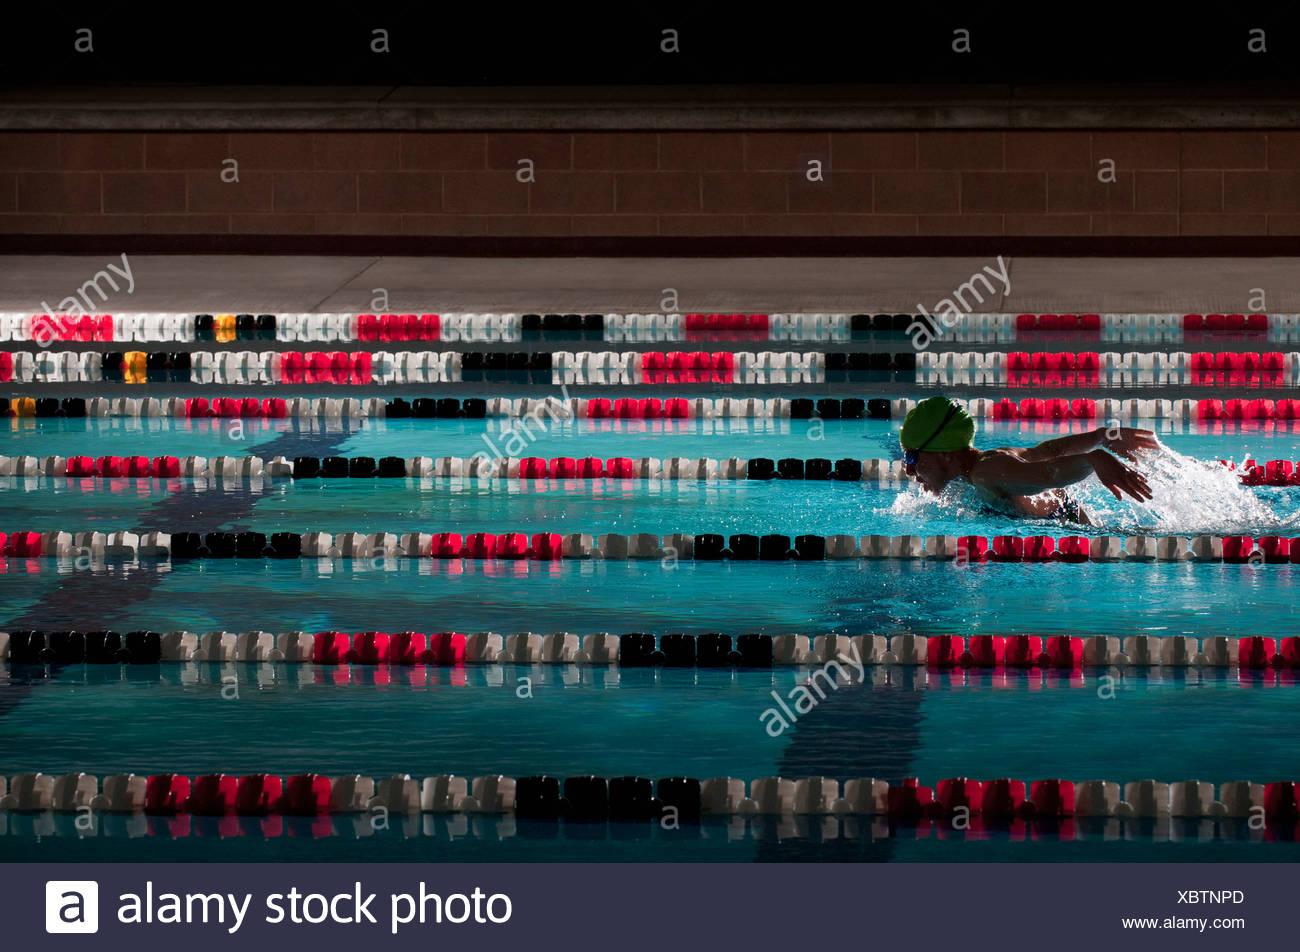 Donna giri di nuoto in piscina Immagini Stock